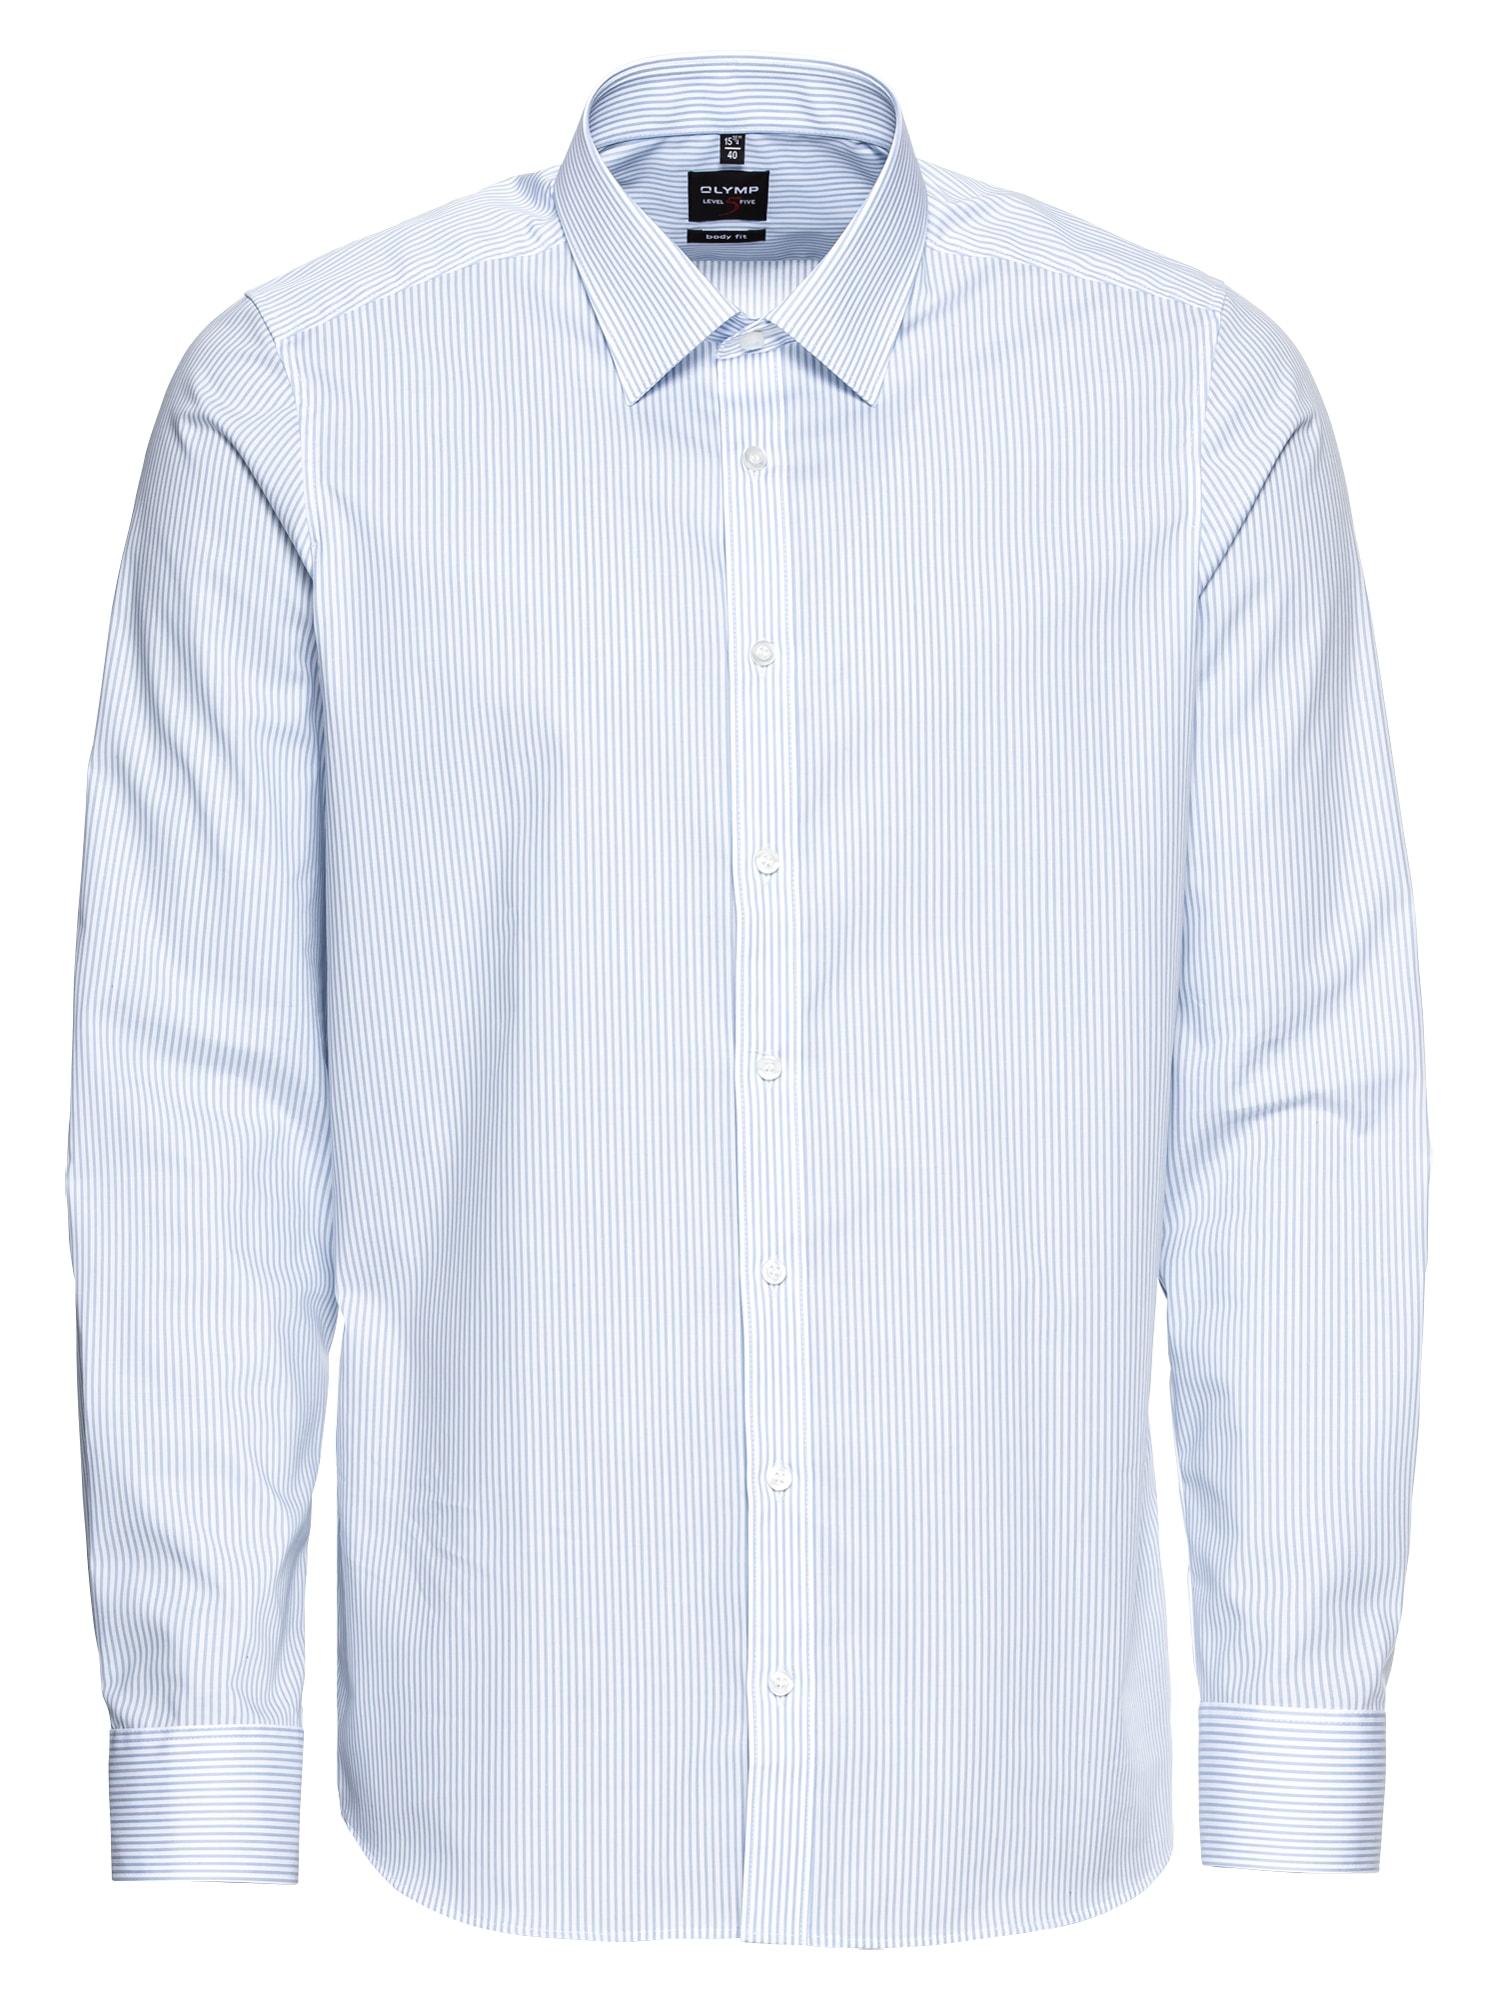 Společenská košile Level 5 Zündholstr. modrá bílá OLYMP